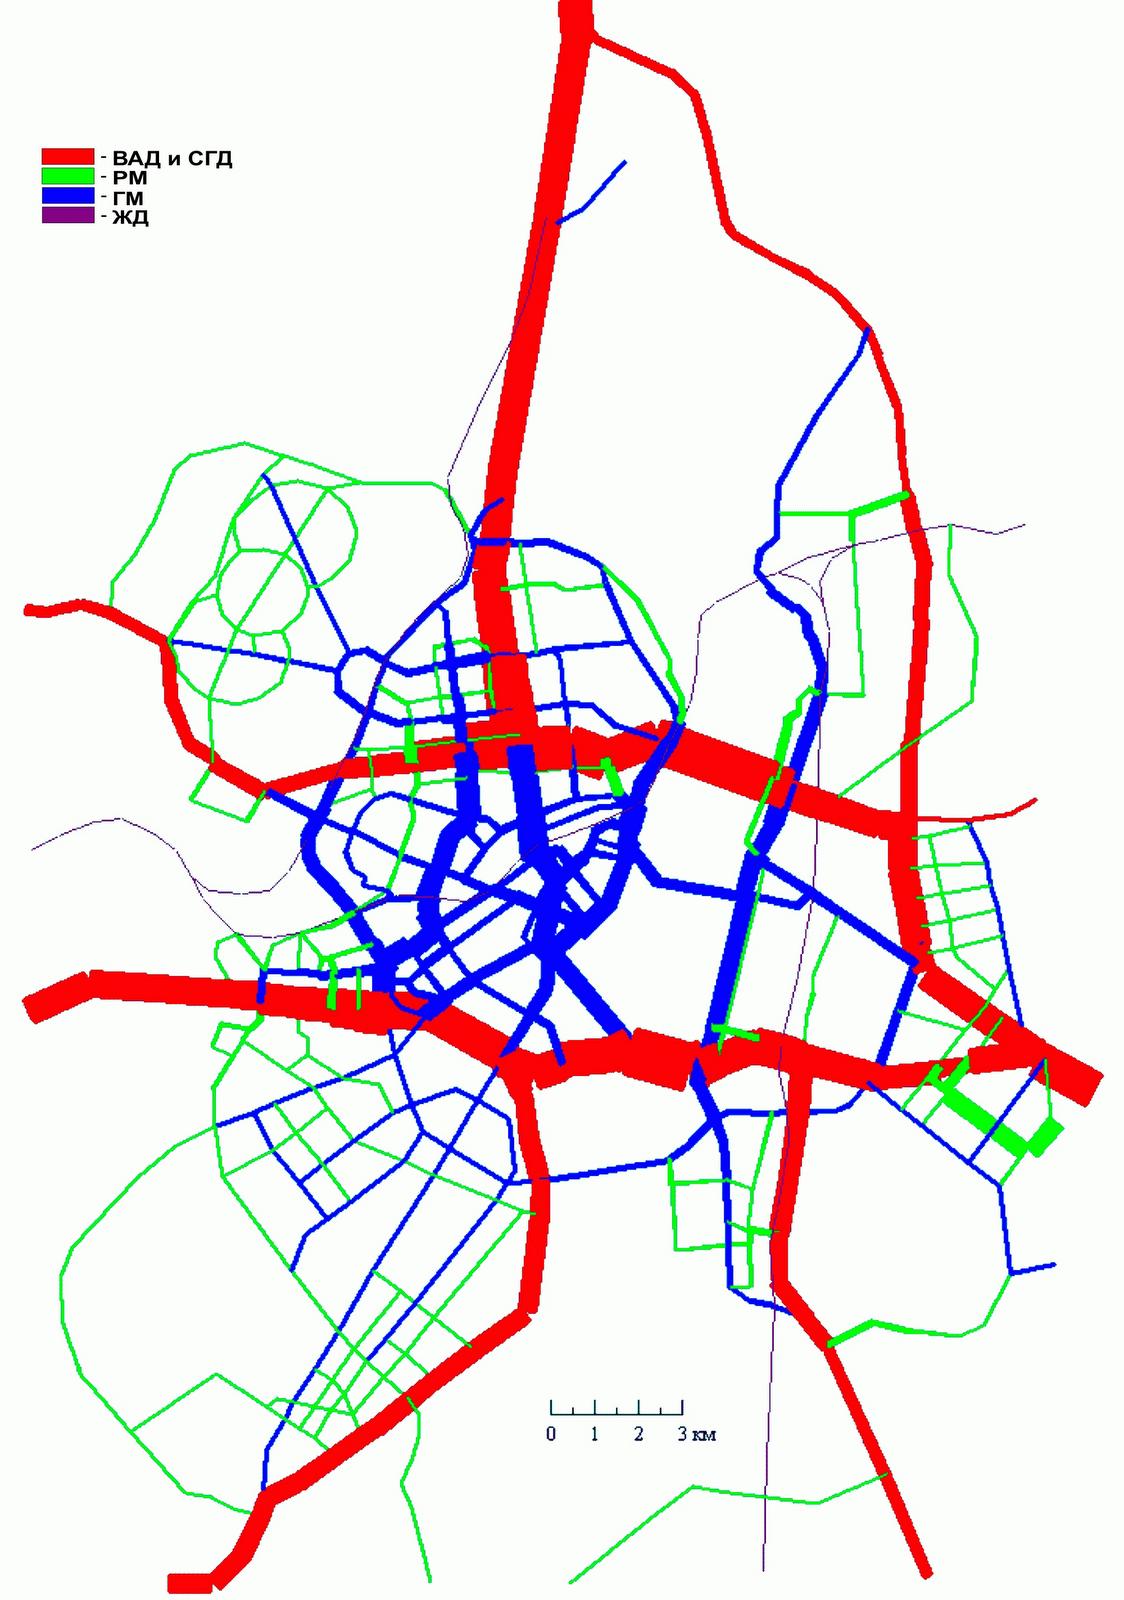 6. Вариант II. Схема МУДС совмещенная с картограммой автомобилепотоков по категориям магистральных улиц после строительства двух диаметров МНД